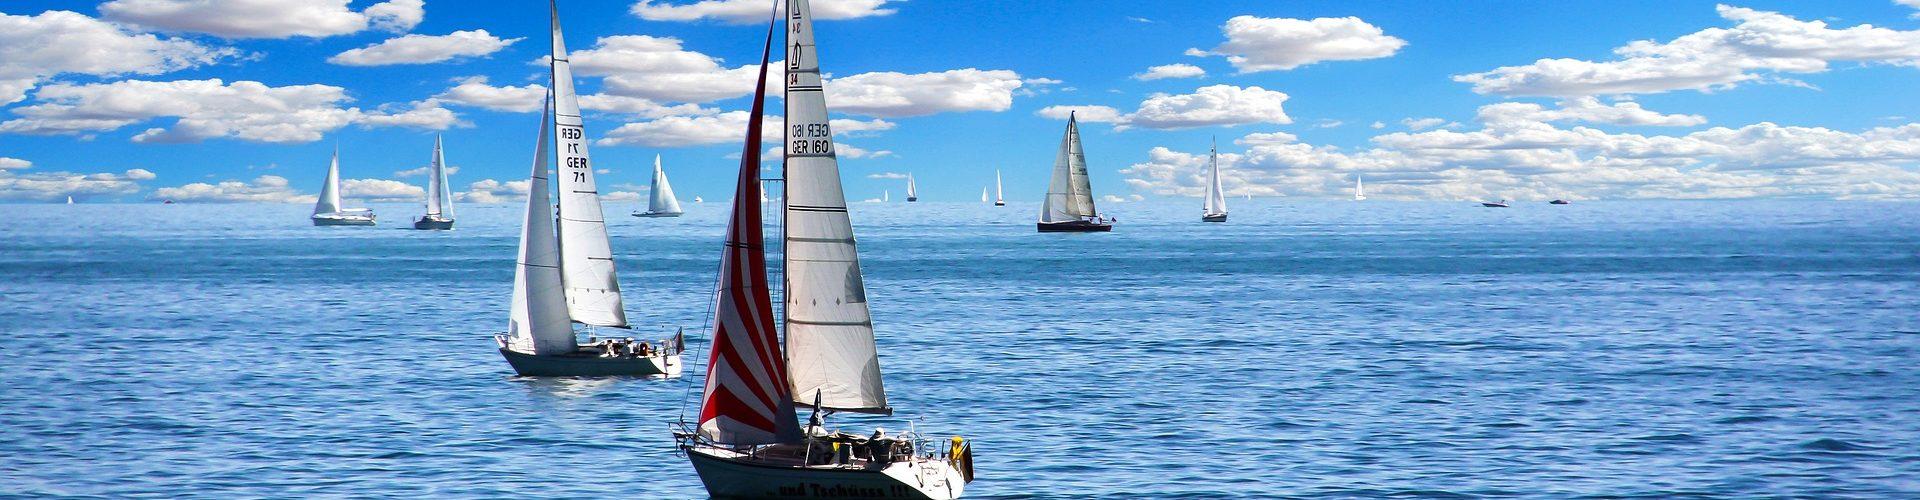 segeln lernen in Ergolding segelschein machen in Ergolding 1920x500 - Segeln lernen in Ergolding